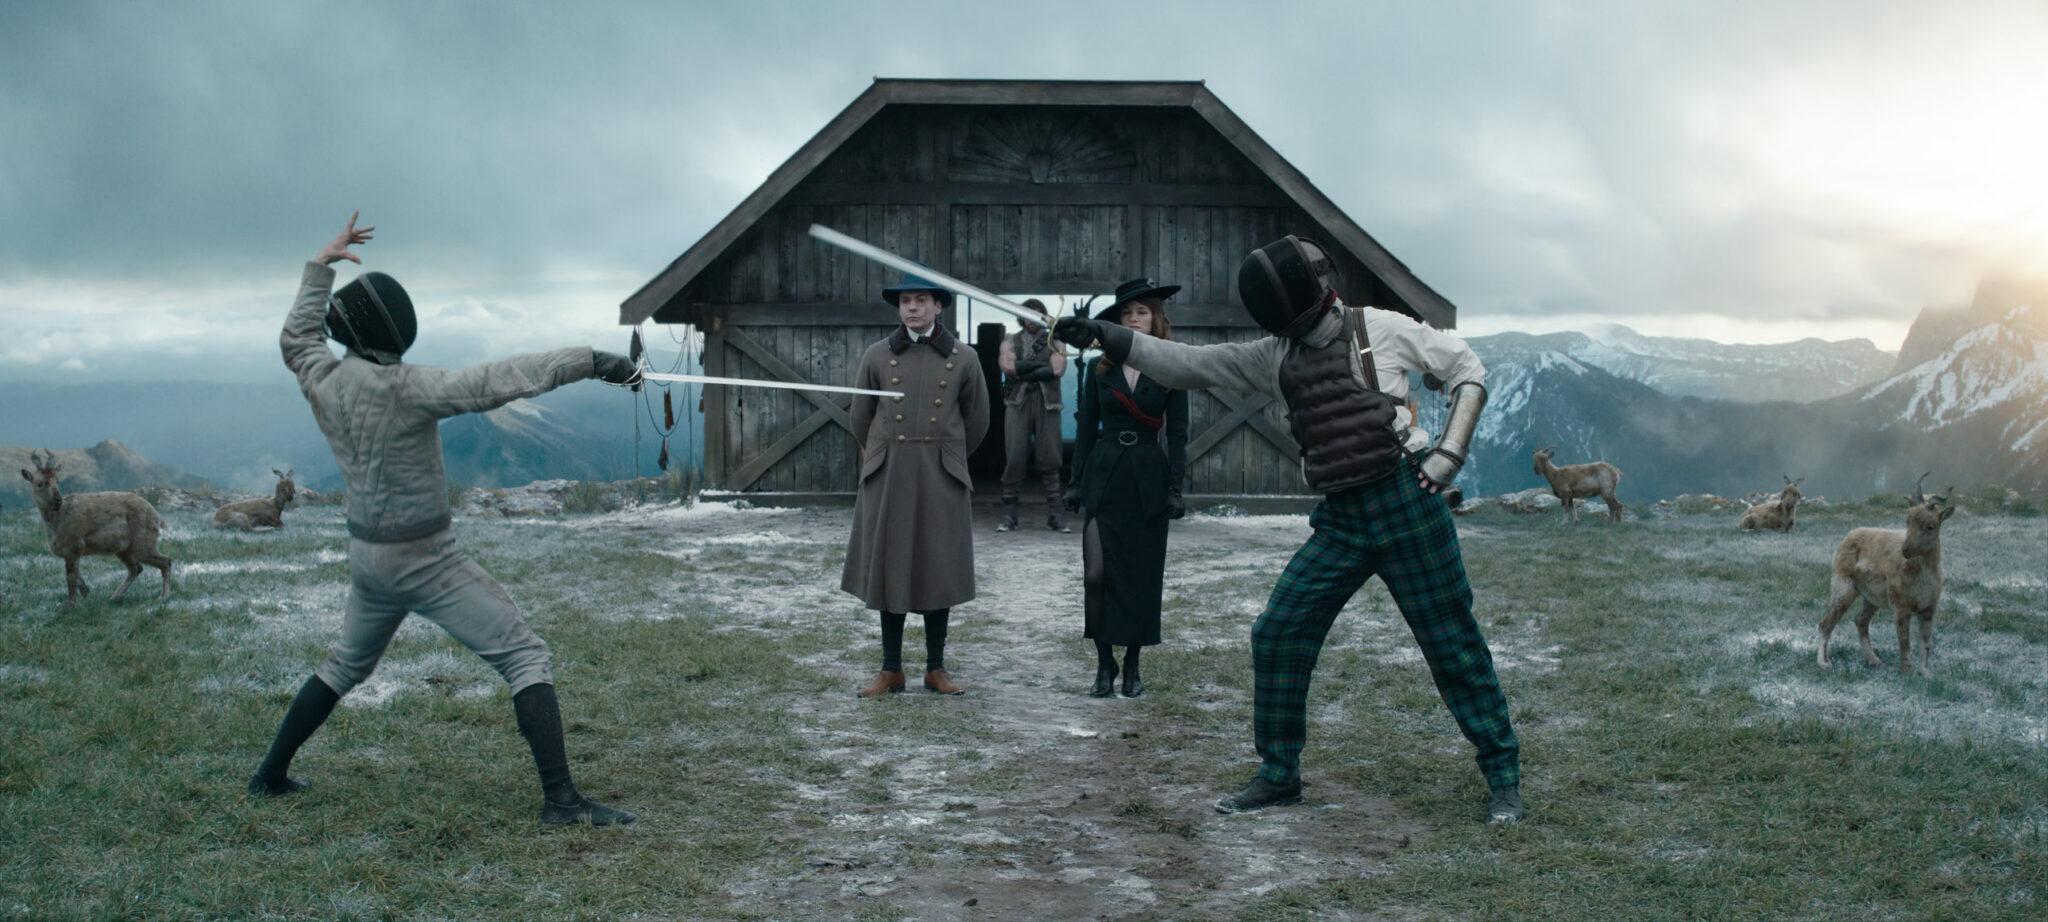 Erik (Daniel Brühl) und Mata Hari (Valerie Pachner) stehen vor einer Scheune in der Wildnis und sehen einen Fechtkampf zwischen zwei maskierten Duellanten an.